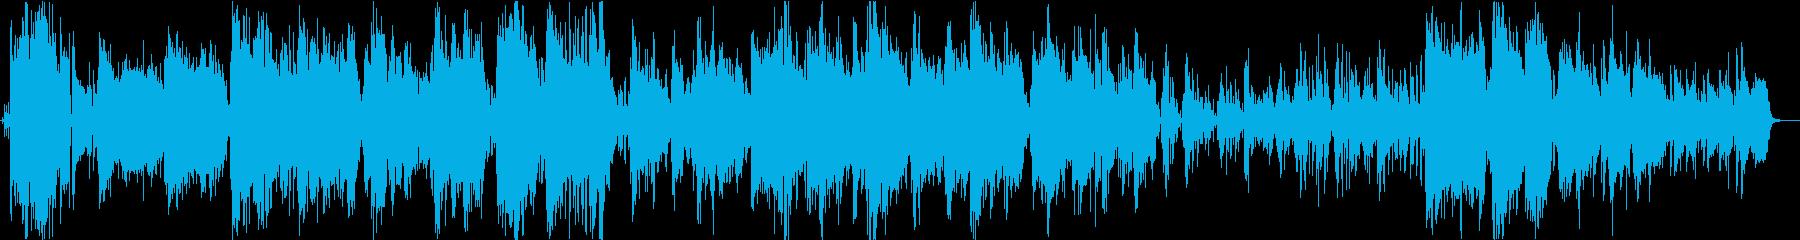 ジャズ。トロンボーンソロのアンサン...の再生済みの波形